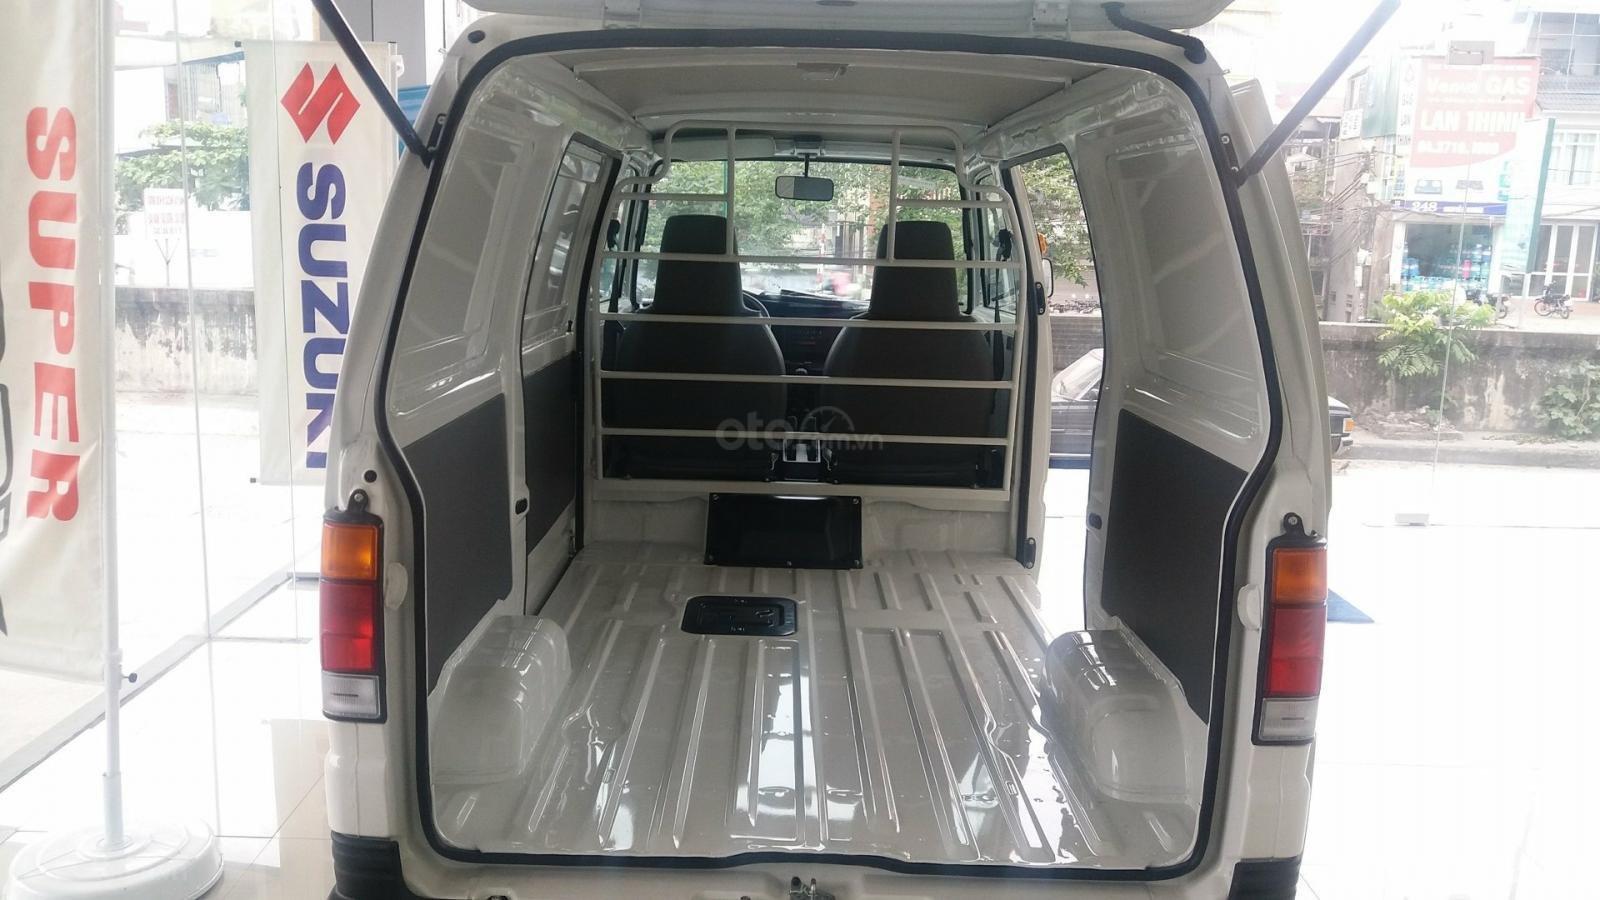 Bán xe tải Van Suzuki Blind Van 2020 giá rẻ, nhiều KM (5)